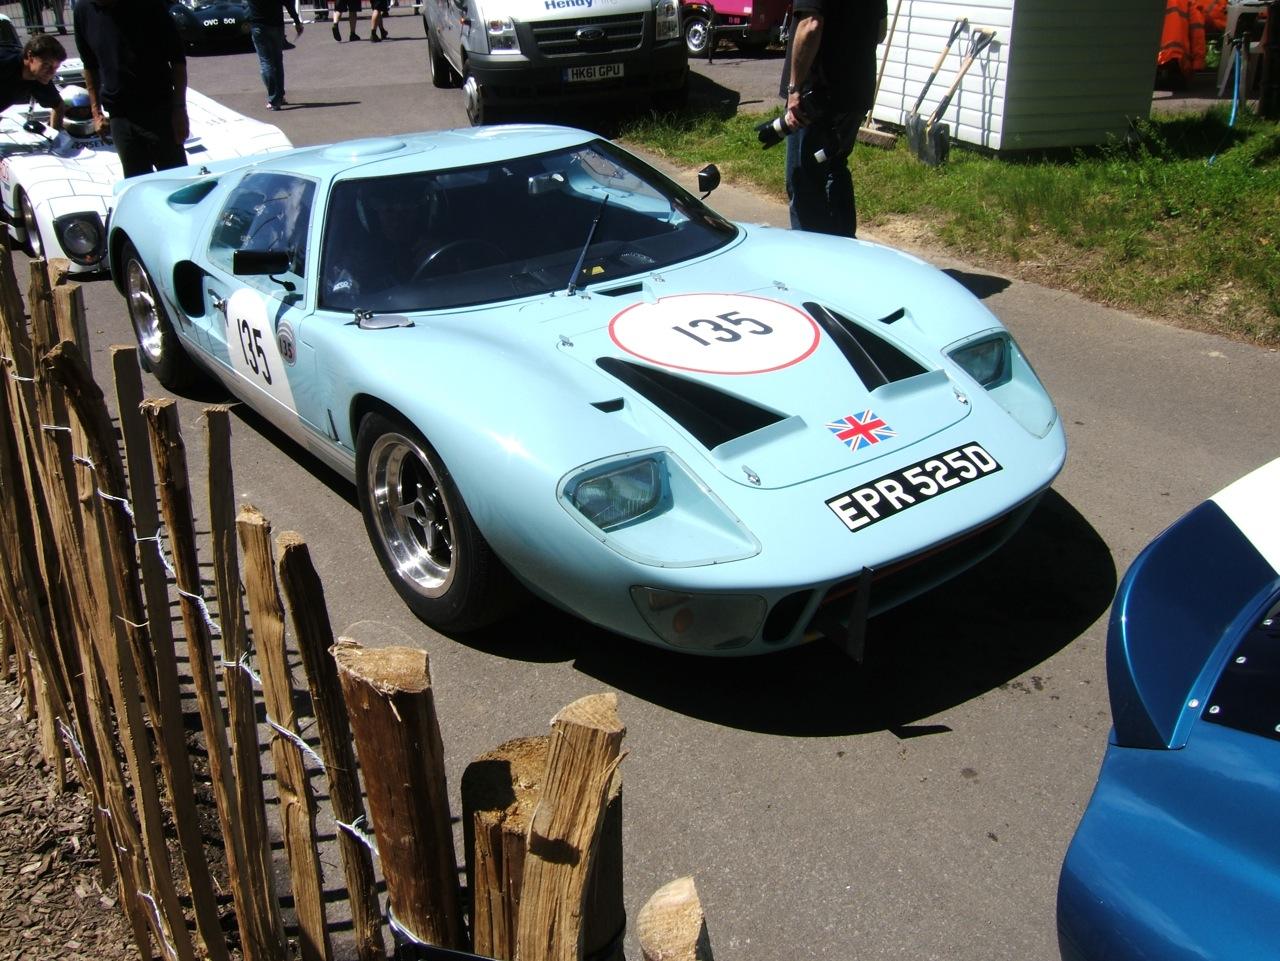 Festival of Speed-Goodwood UK-dscf6957-jpg